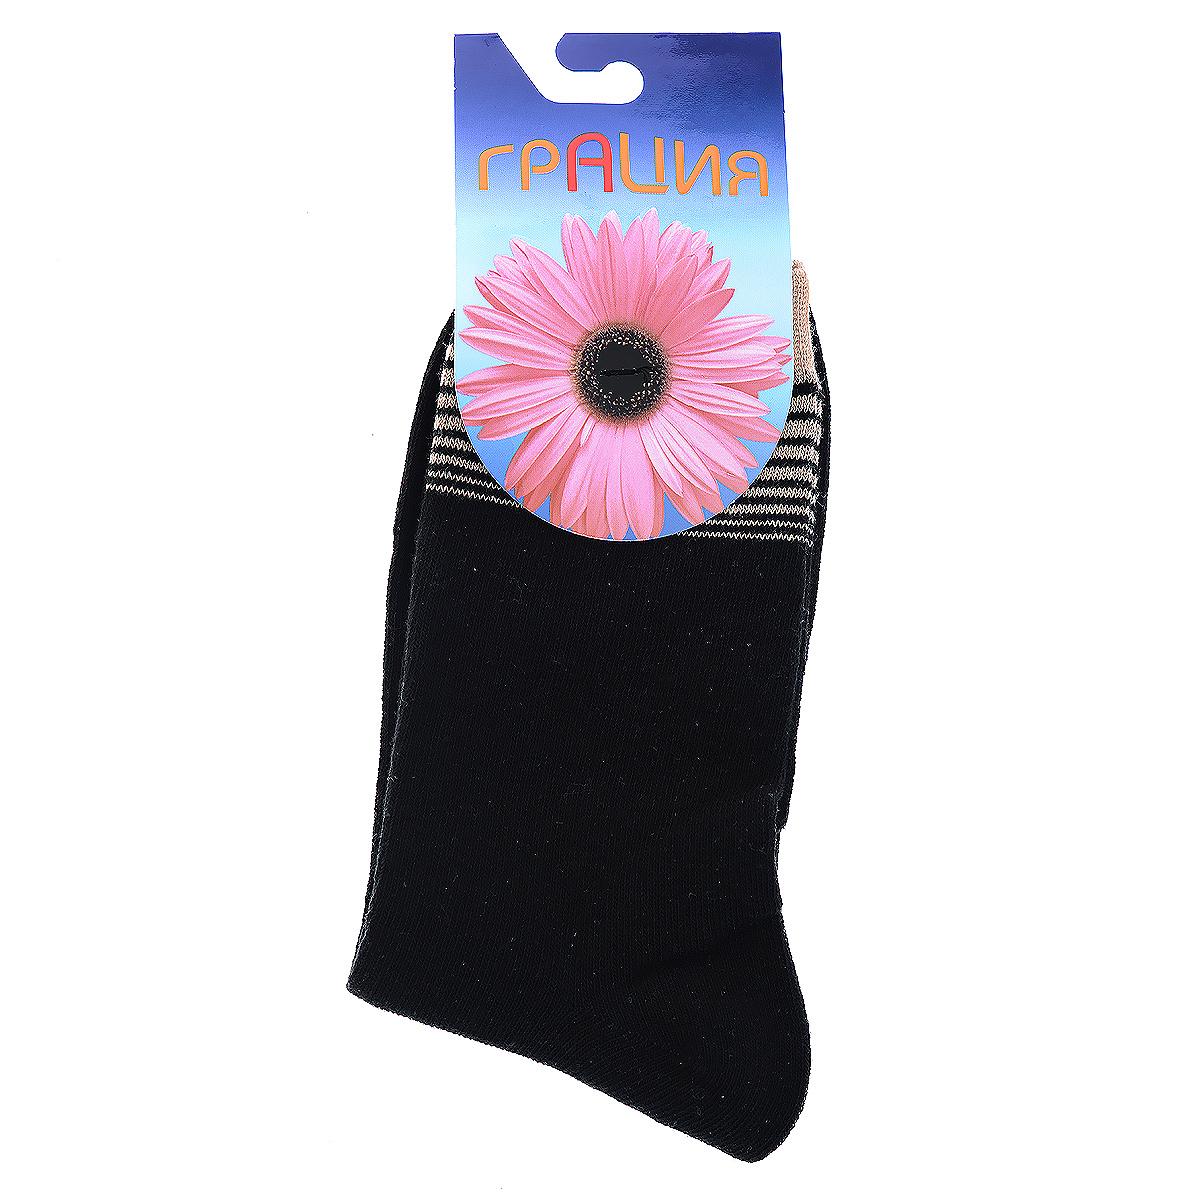 НоскиН 002-4-10Женские носки Грация изготовлены из экологически чистых материалов в соответствии с мировыми стандартами качества. Комфортная широкая резинка не сдавливает ногу.